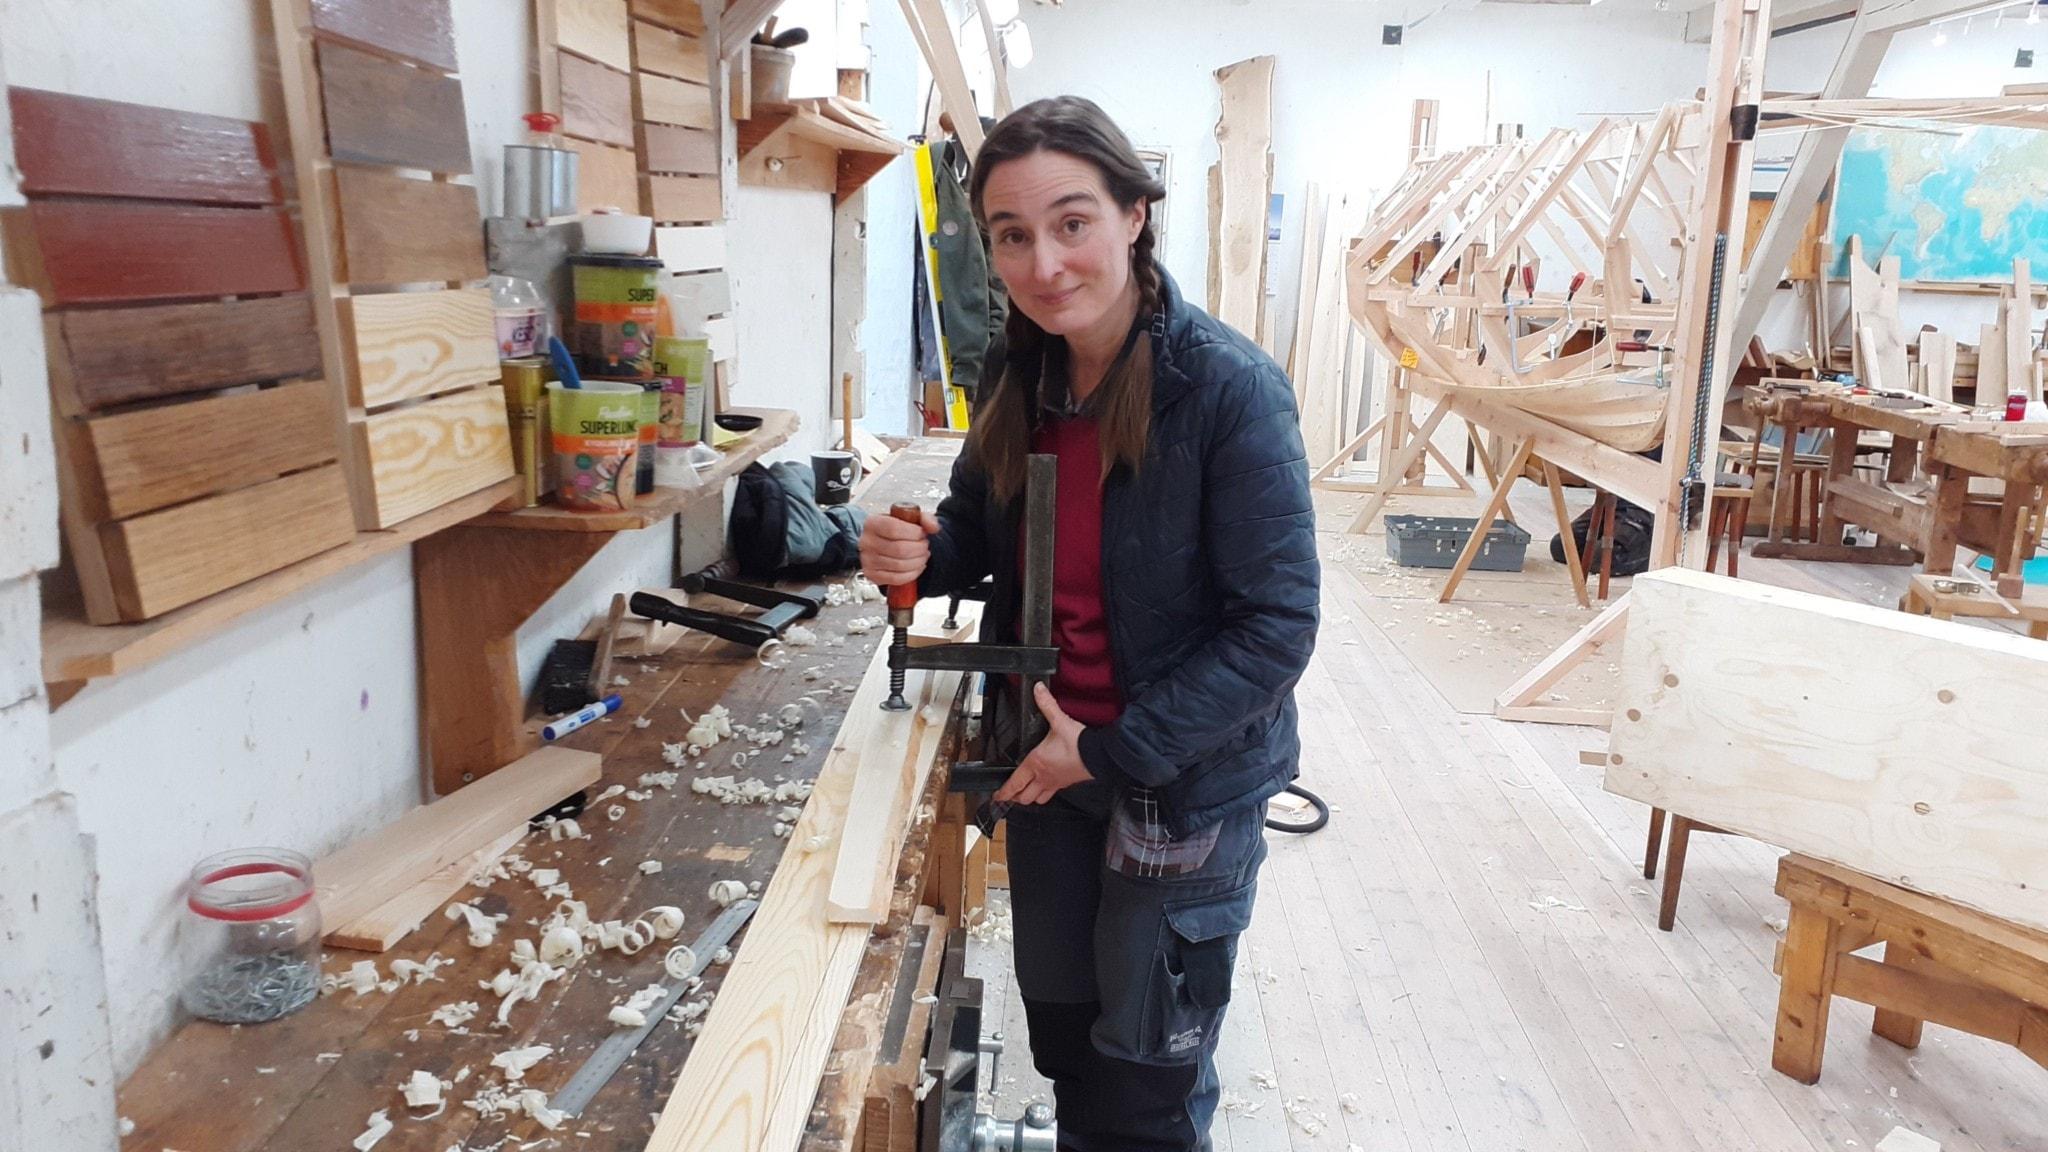 Lena Edlund står vid en arbetsbänk i båtverkstaden